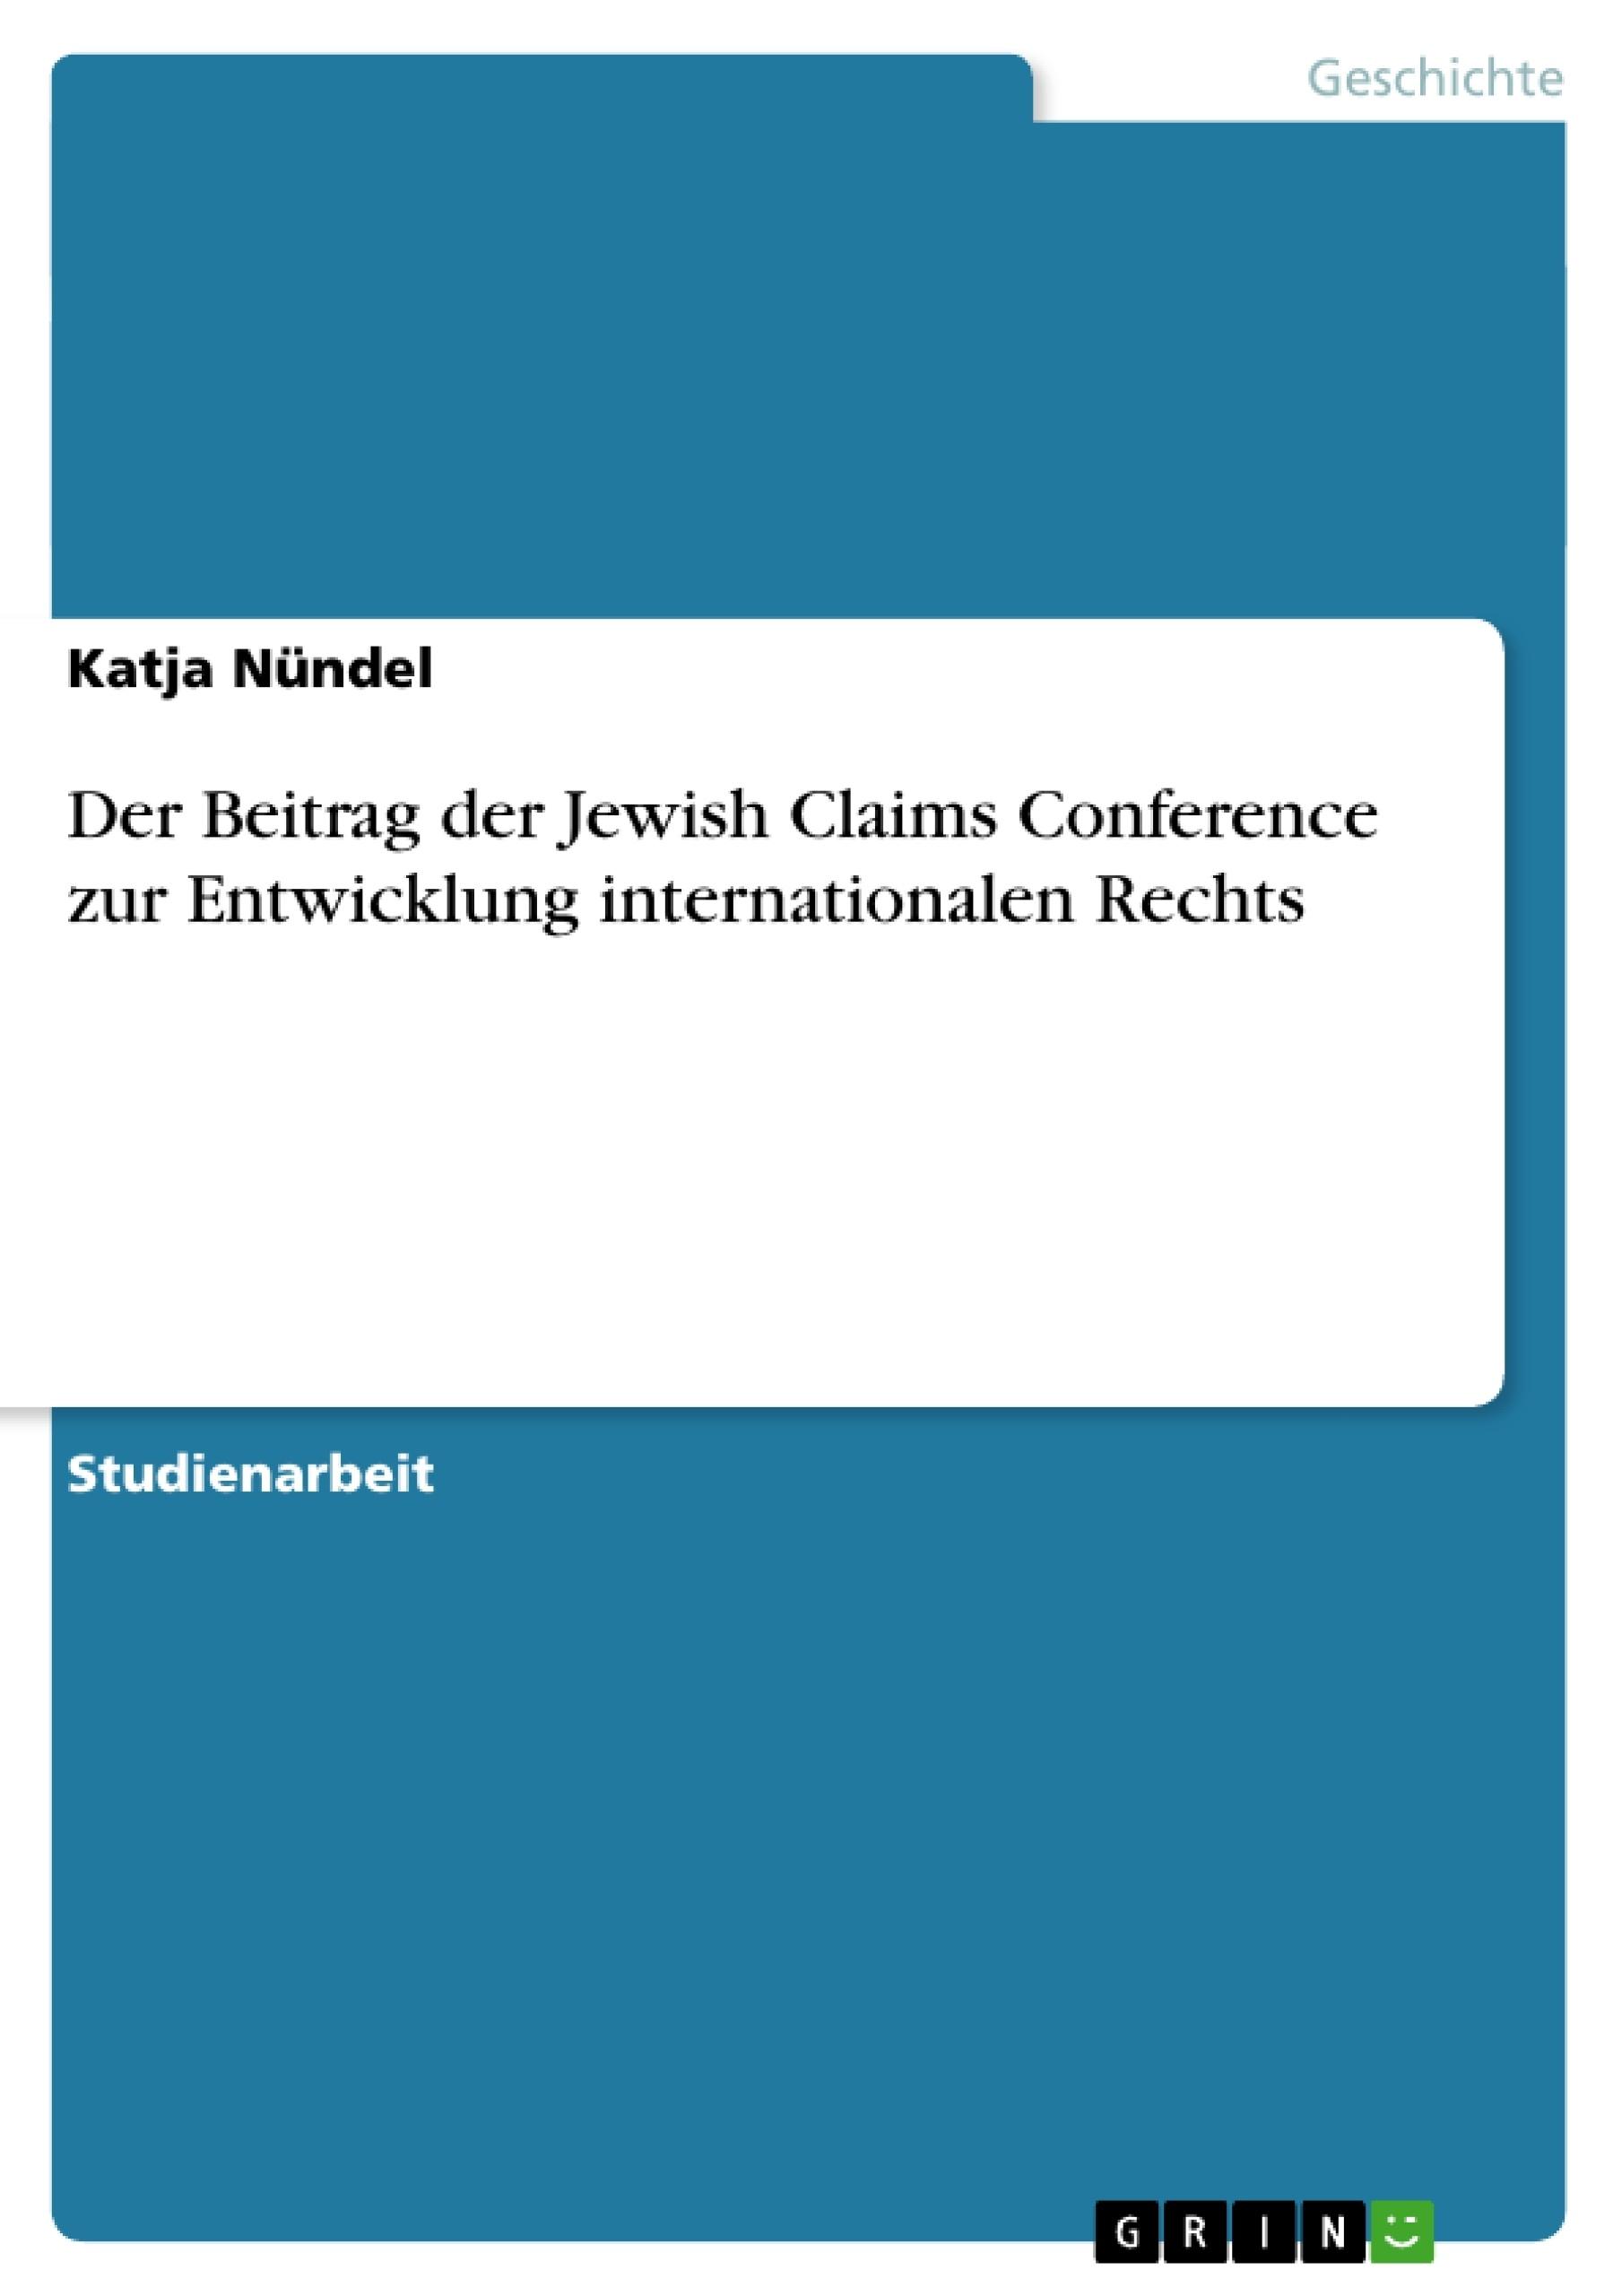 Titel: Der Beitrag der Jewish Claims Conference zur Entwicklung internationalen Rechts